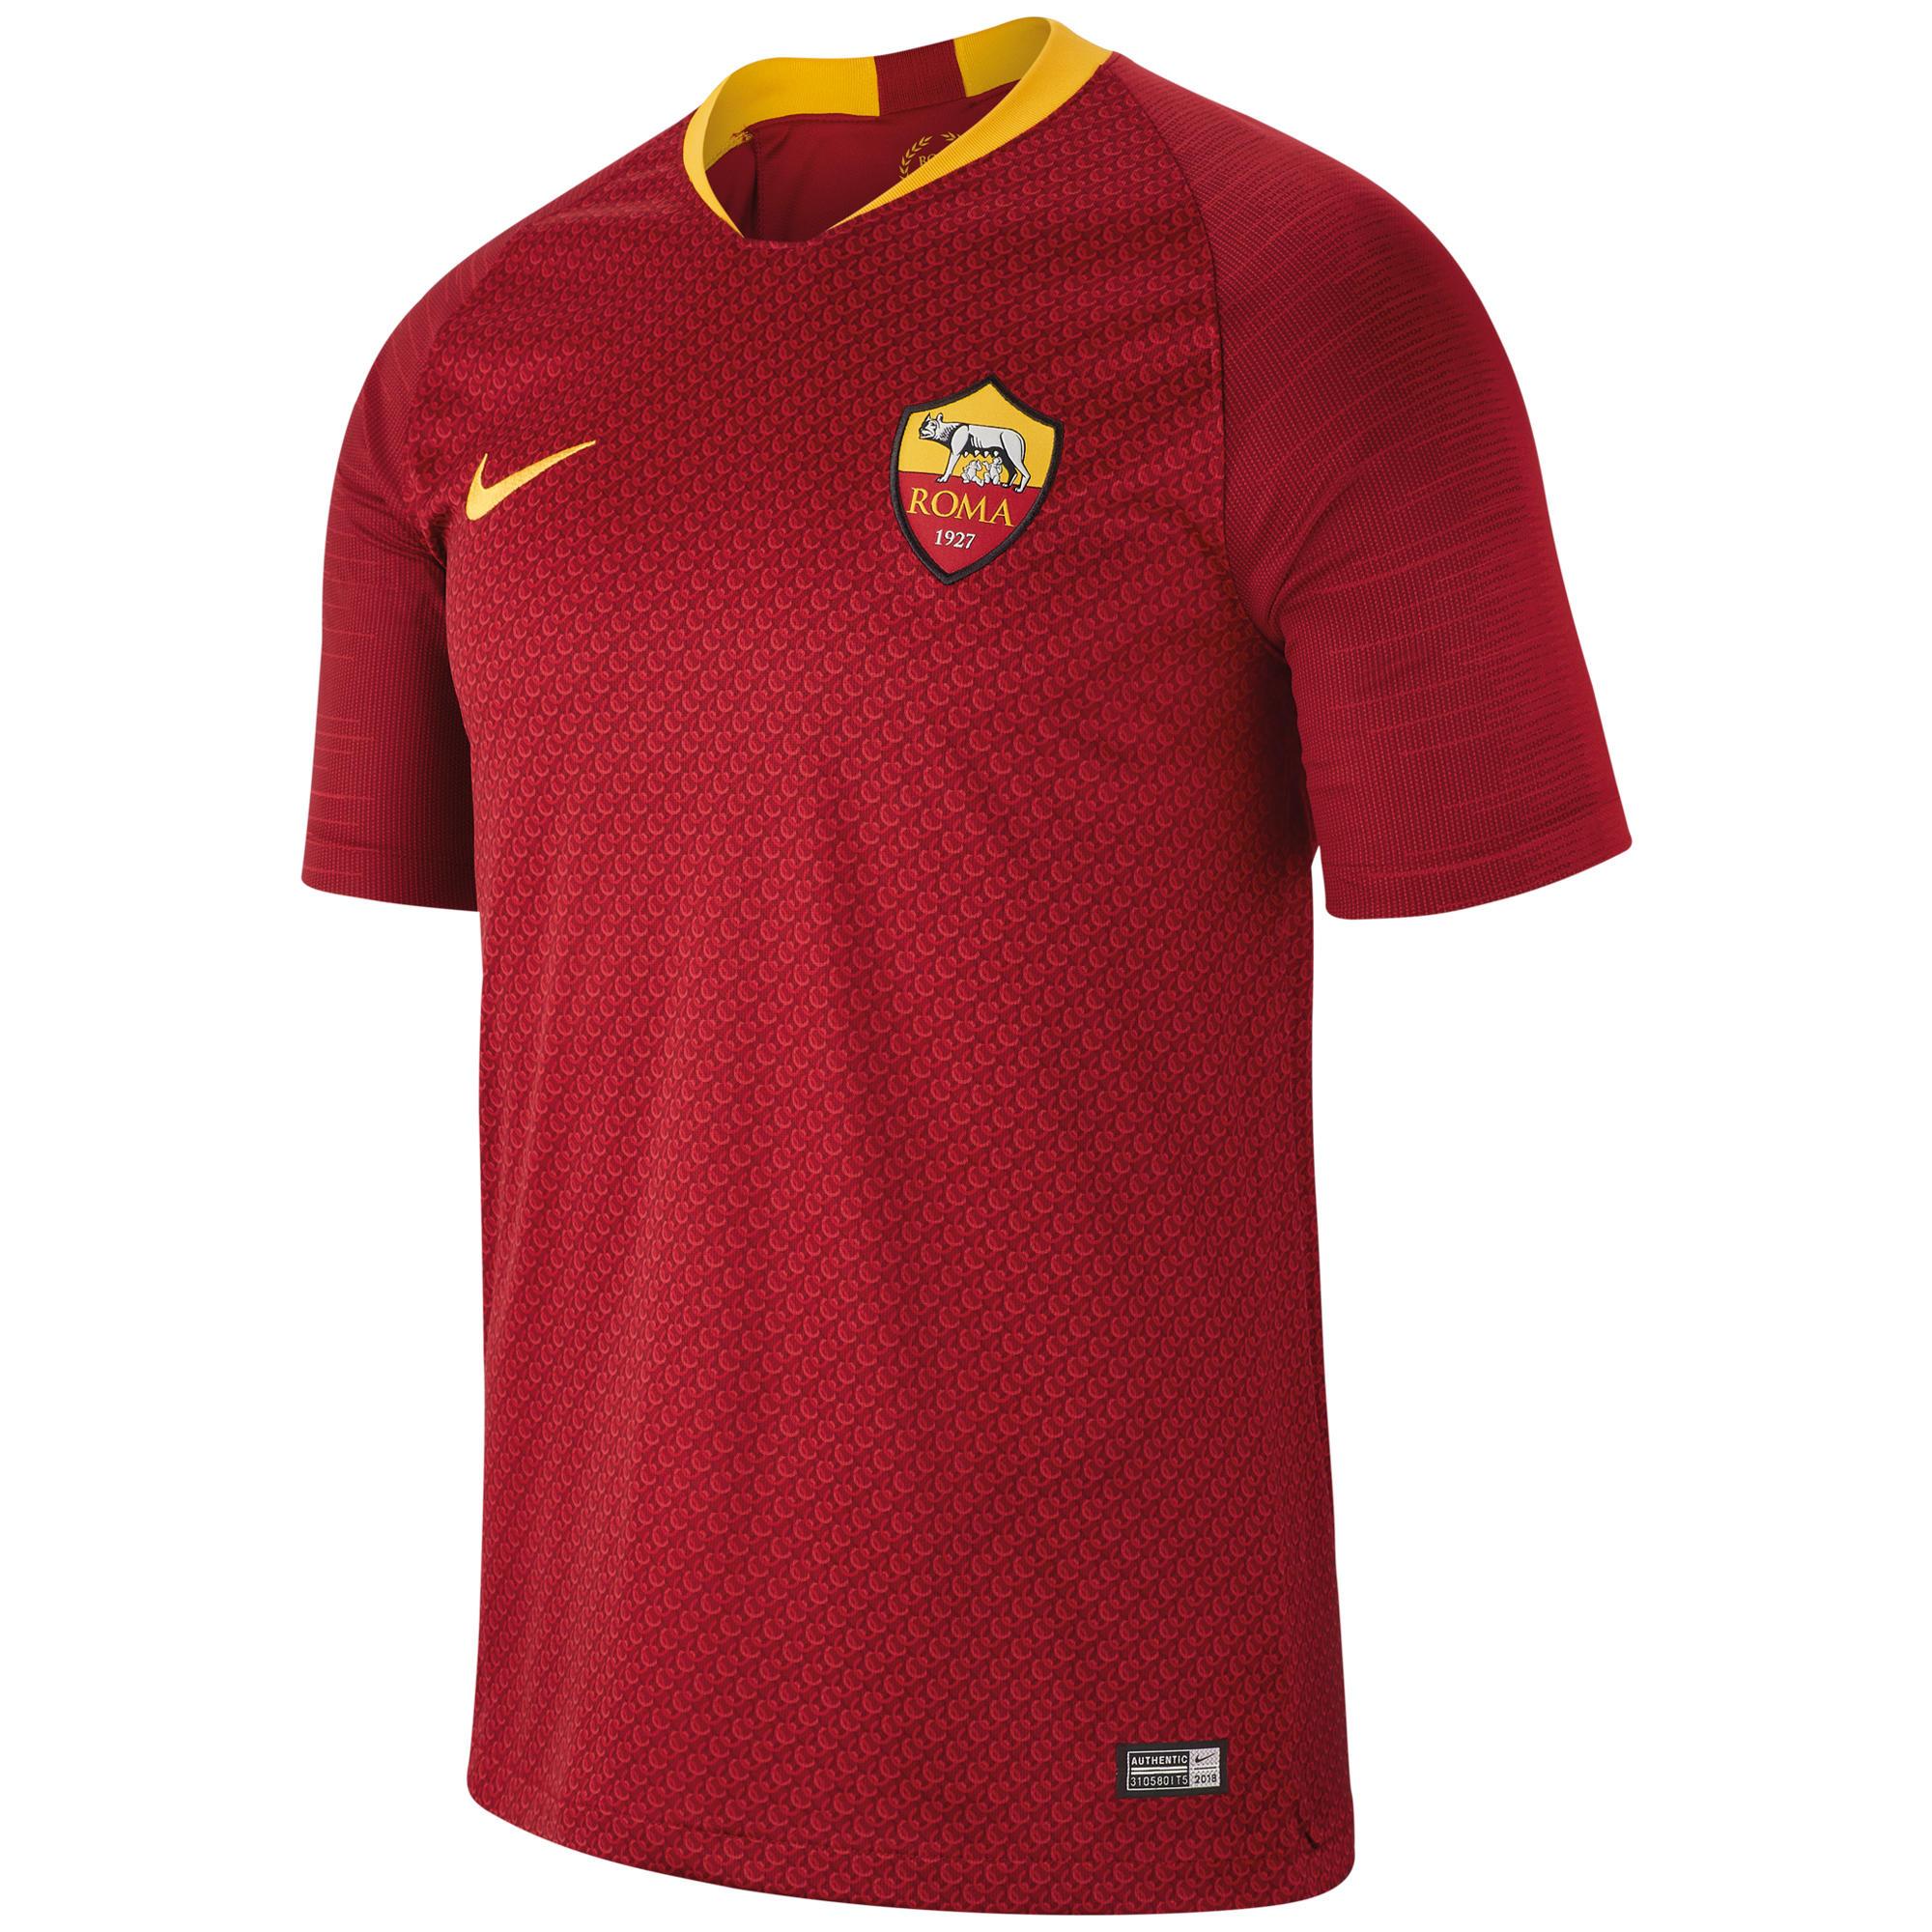 156c98fc4c1d2 Camisetas Oficiales Selecciones y Equipos Fútbol